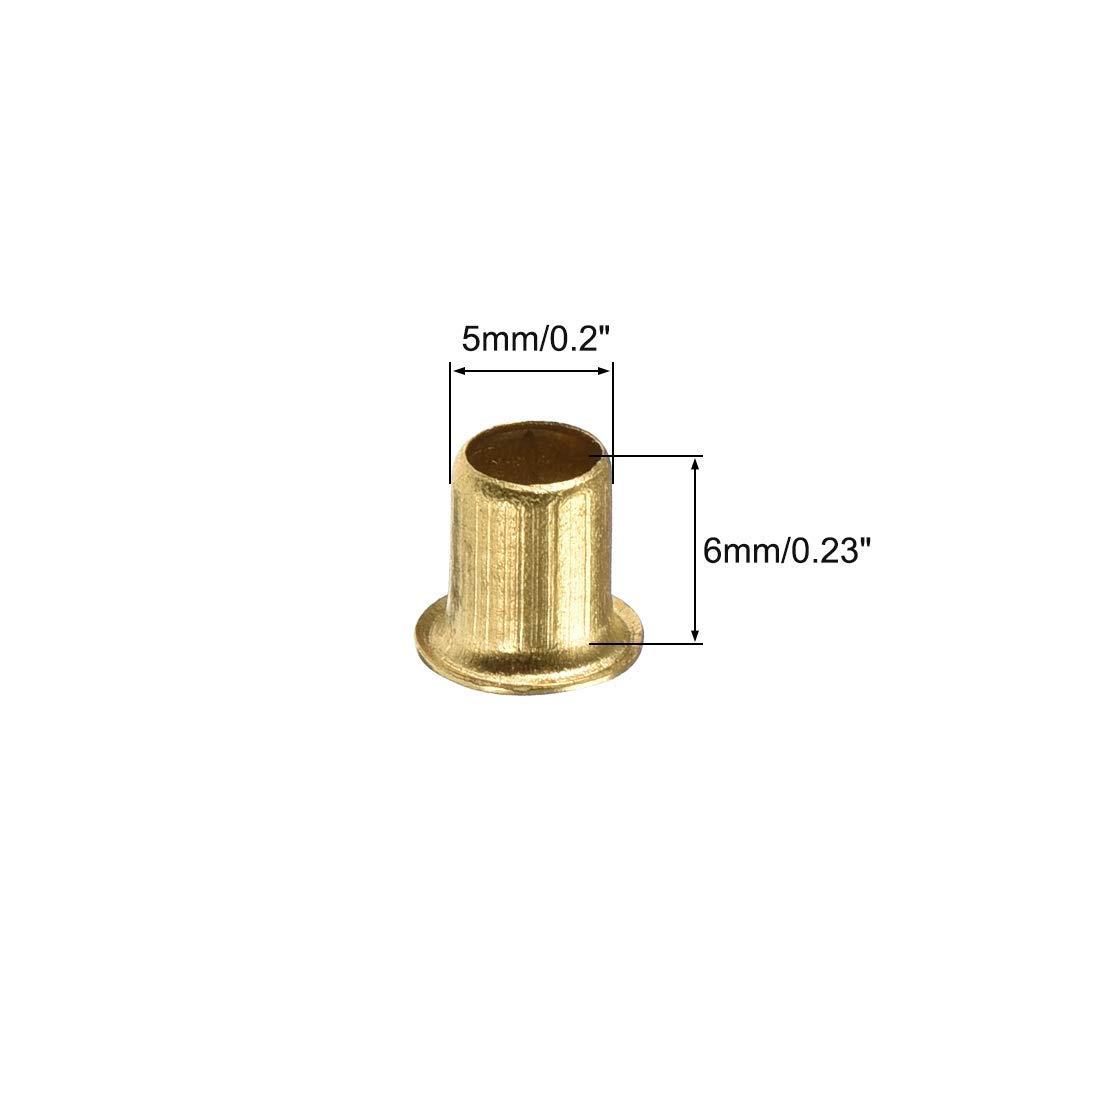 10-24x2 1//4 L Pk10 U07111.025.0225 Shoulder Screw